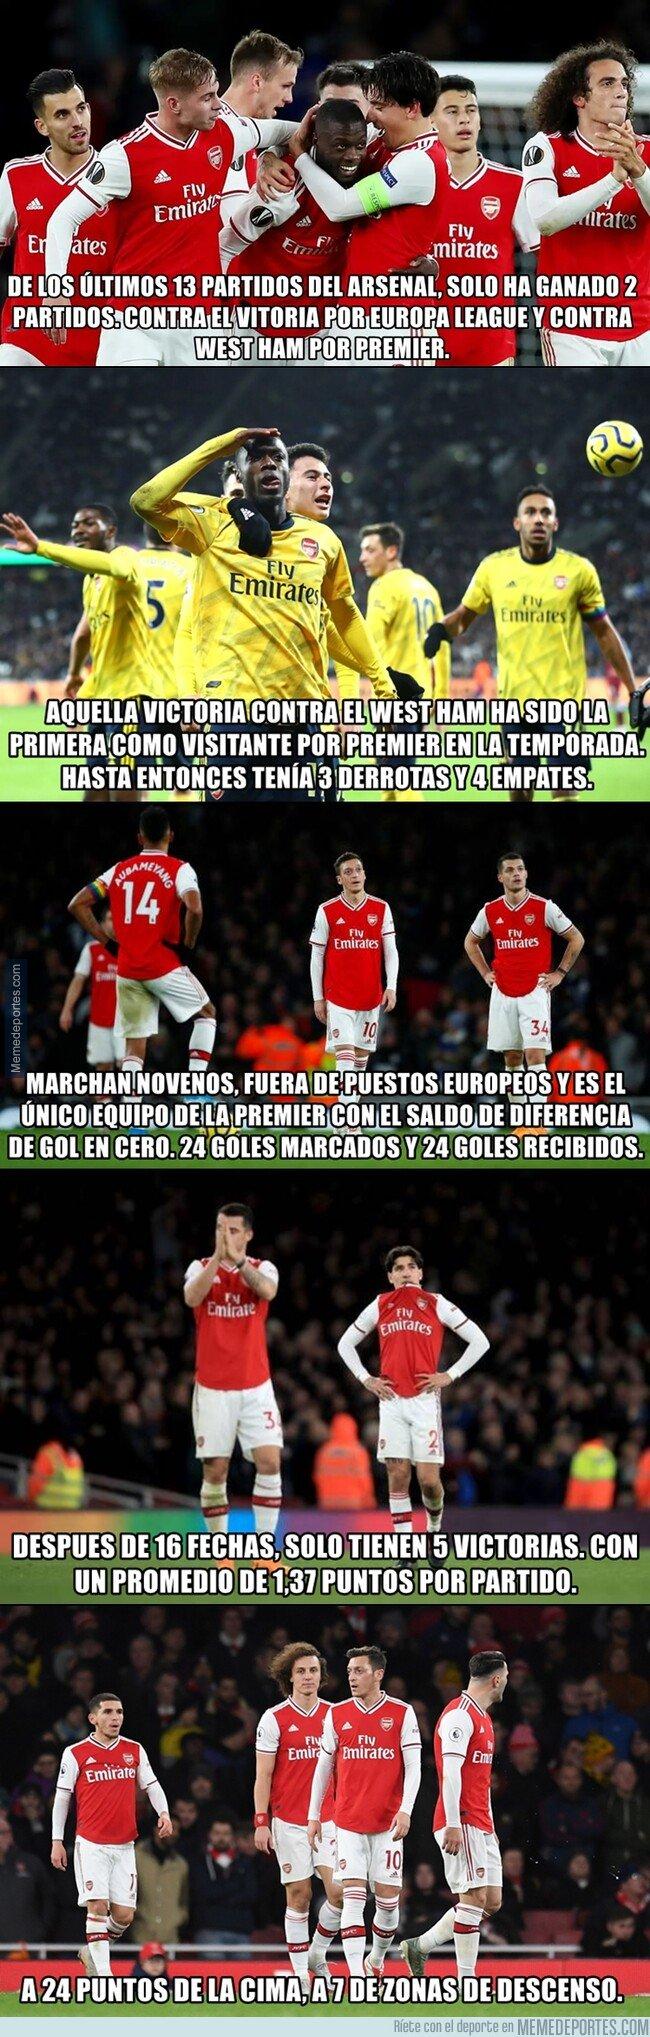 1093413 - La temporada del Arsenal en números es para darse de cabeza contra la pared